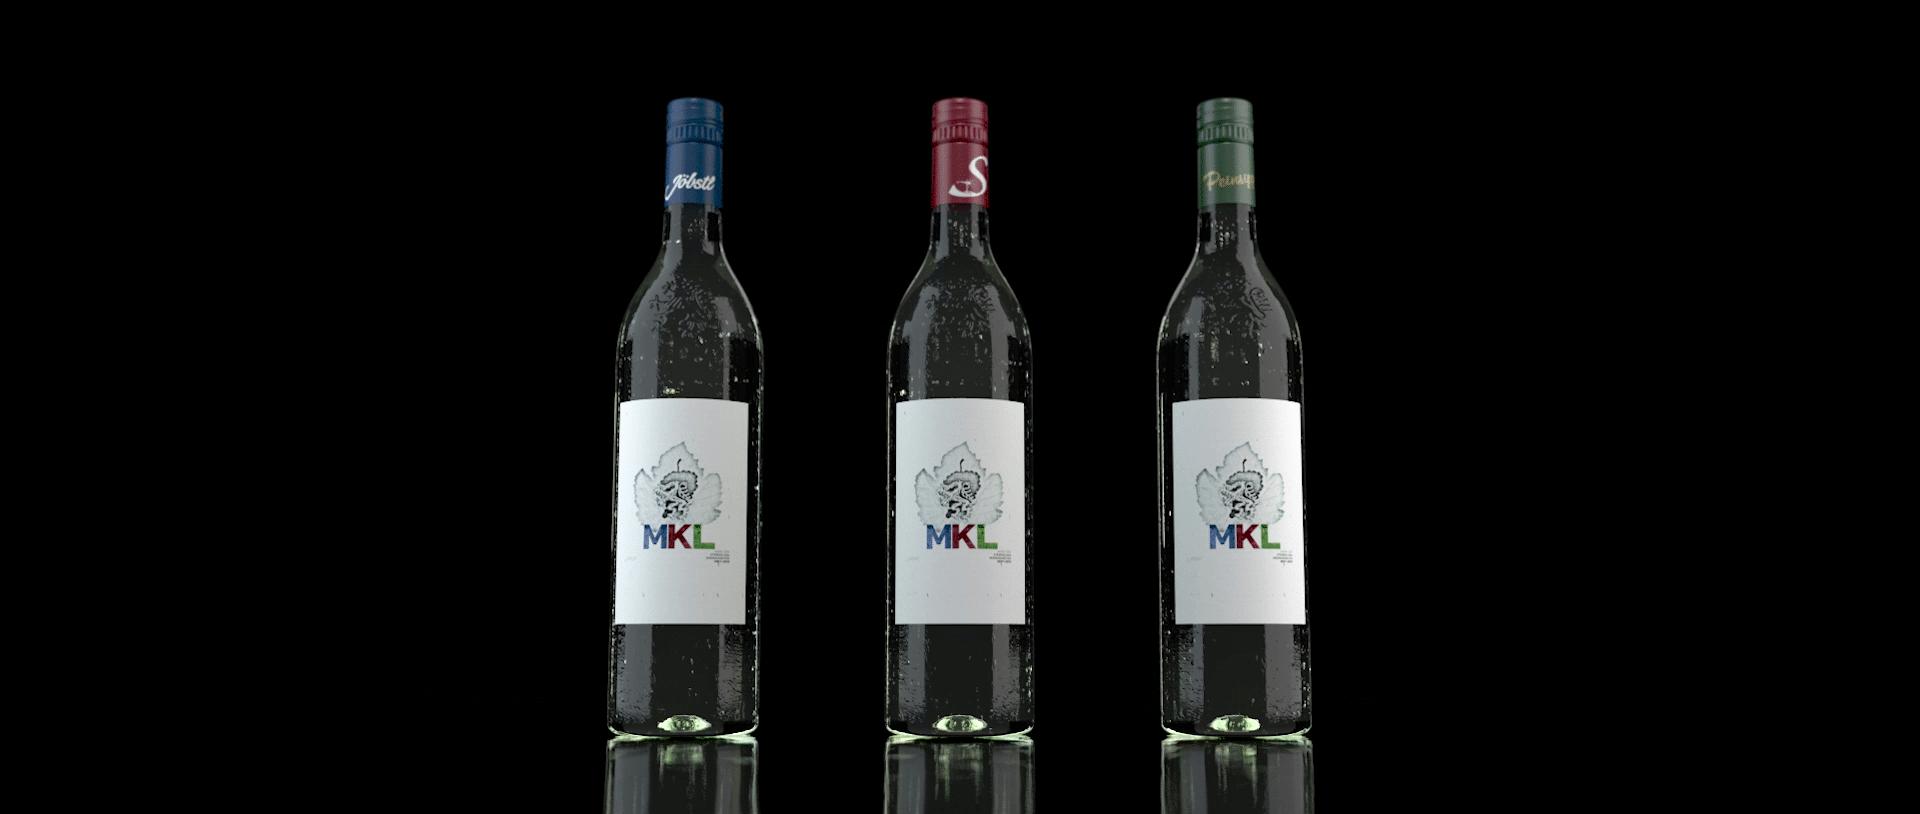 MKL_5